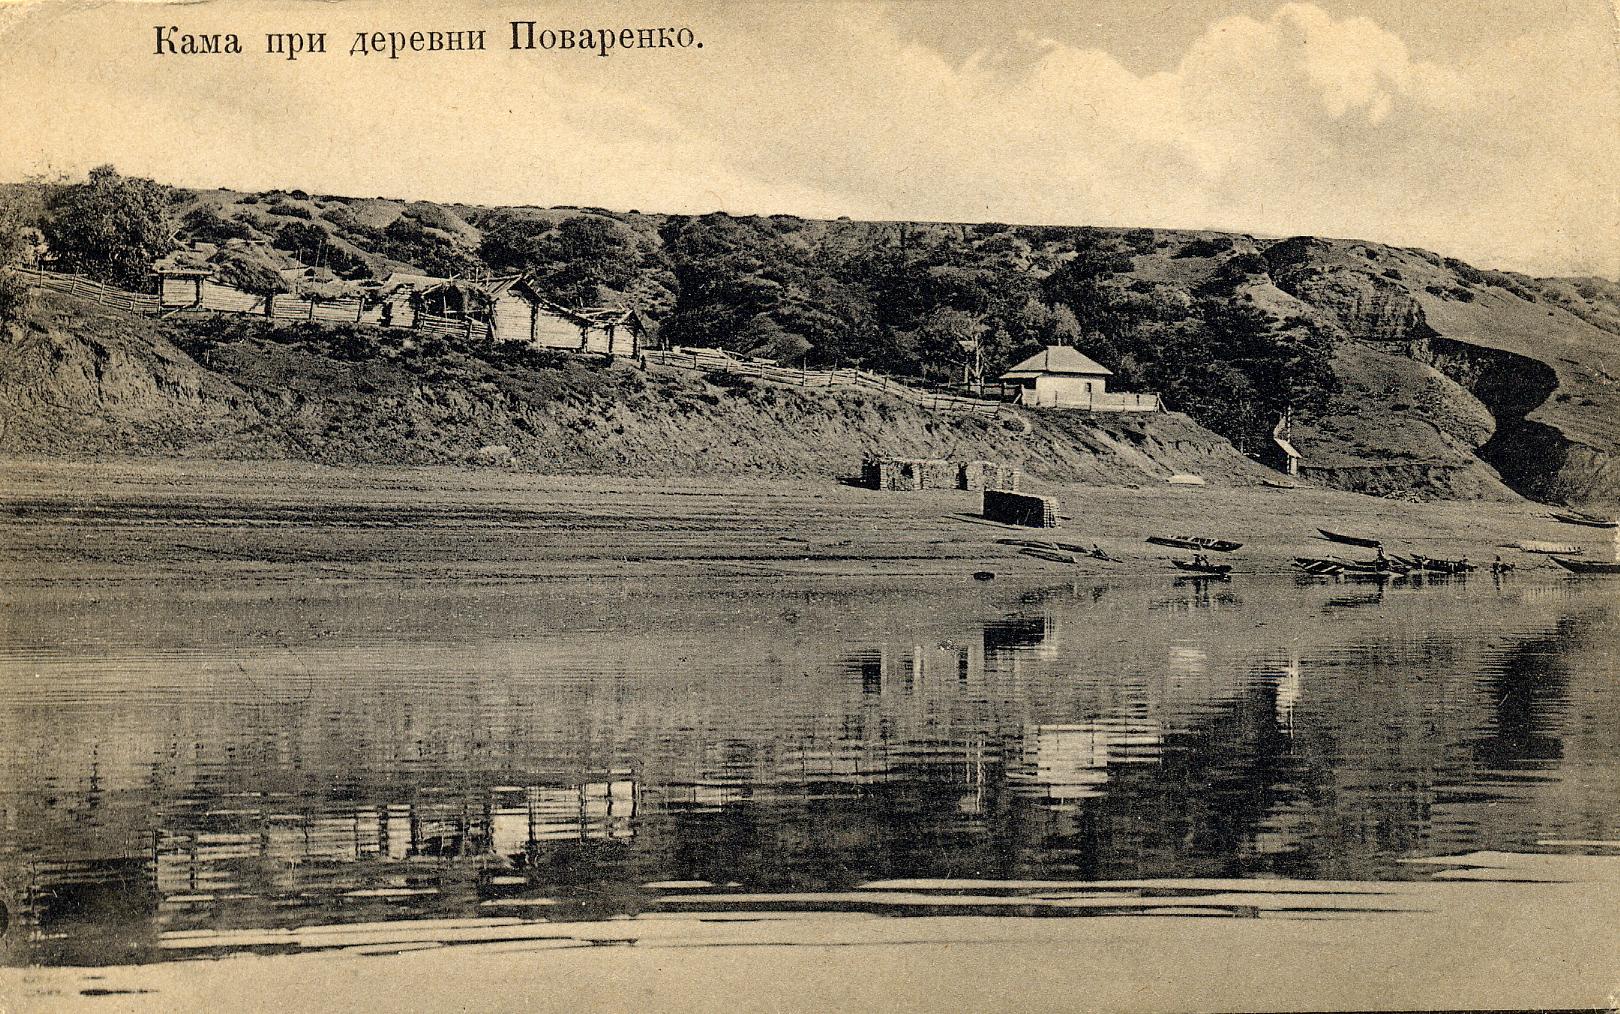 Окрестности Воткинского завода. Кама при деревне Поваренко